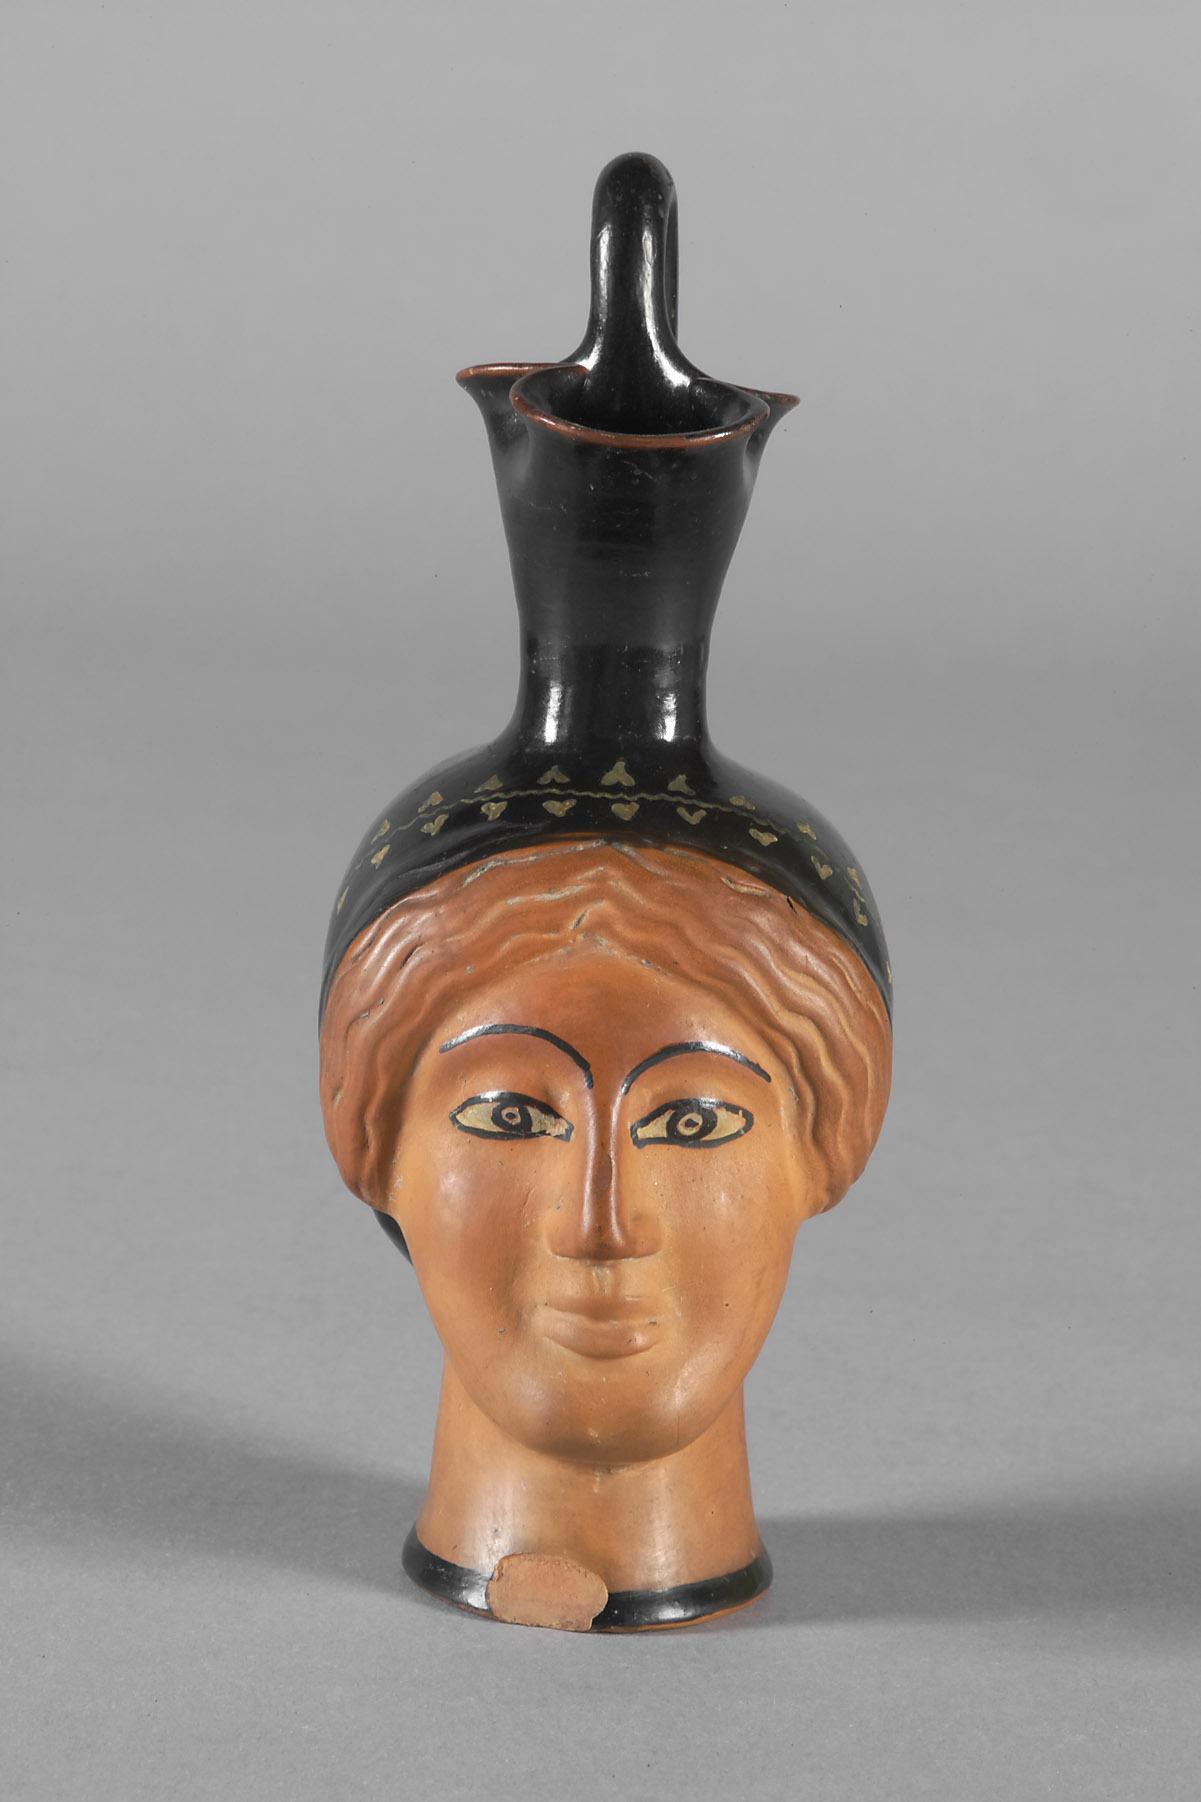 Kanne in Form eines weiblichen Kopfes